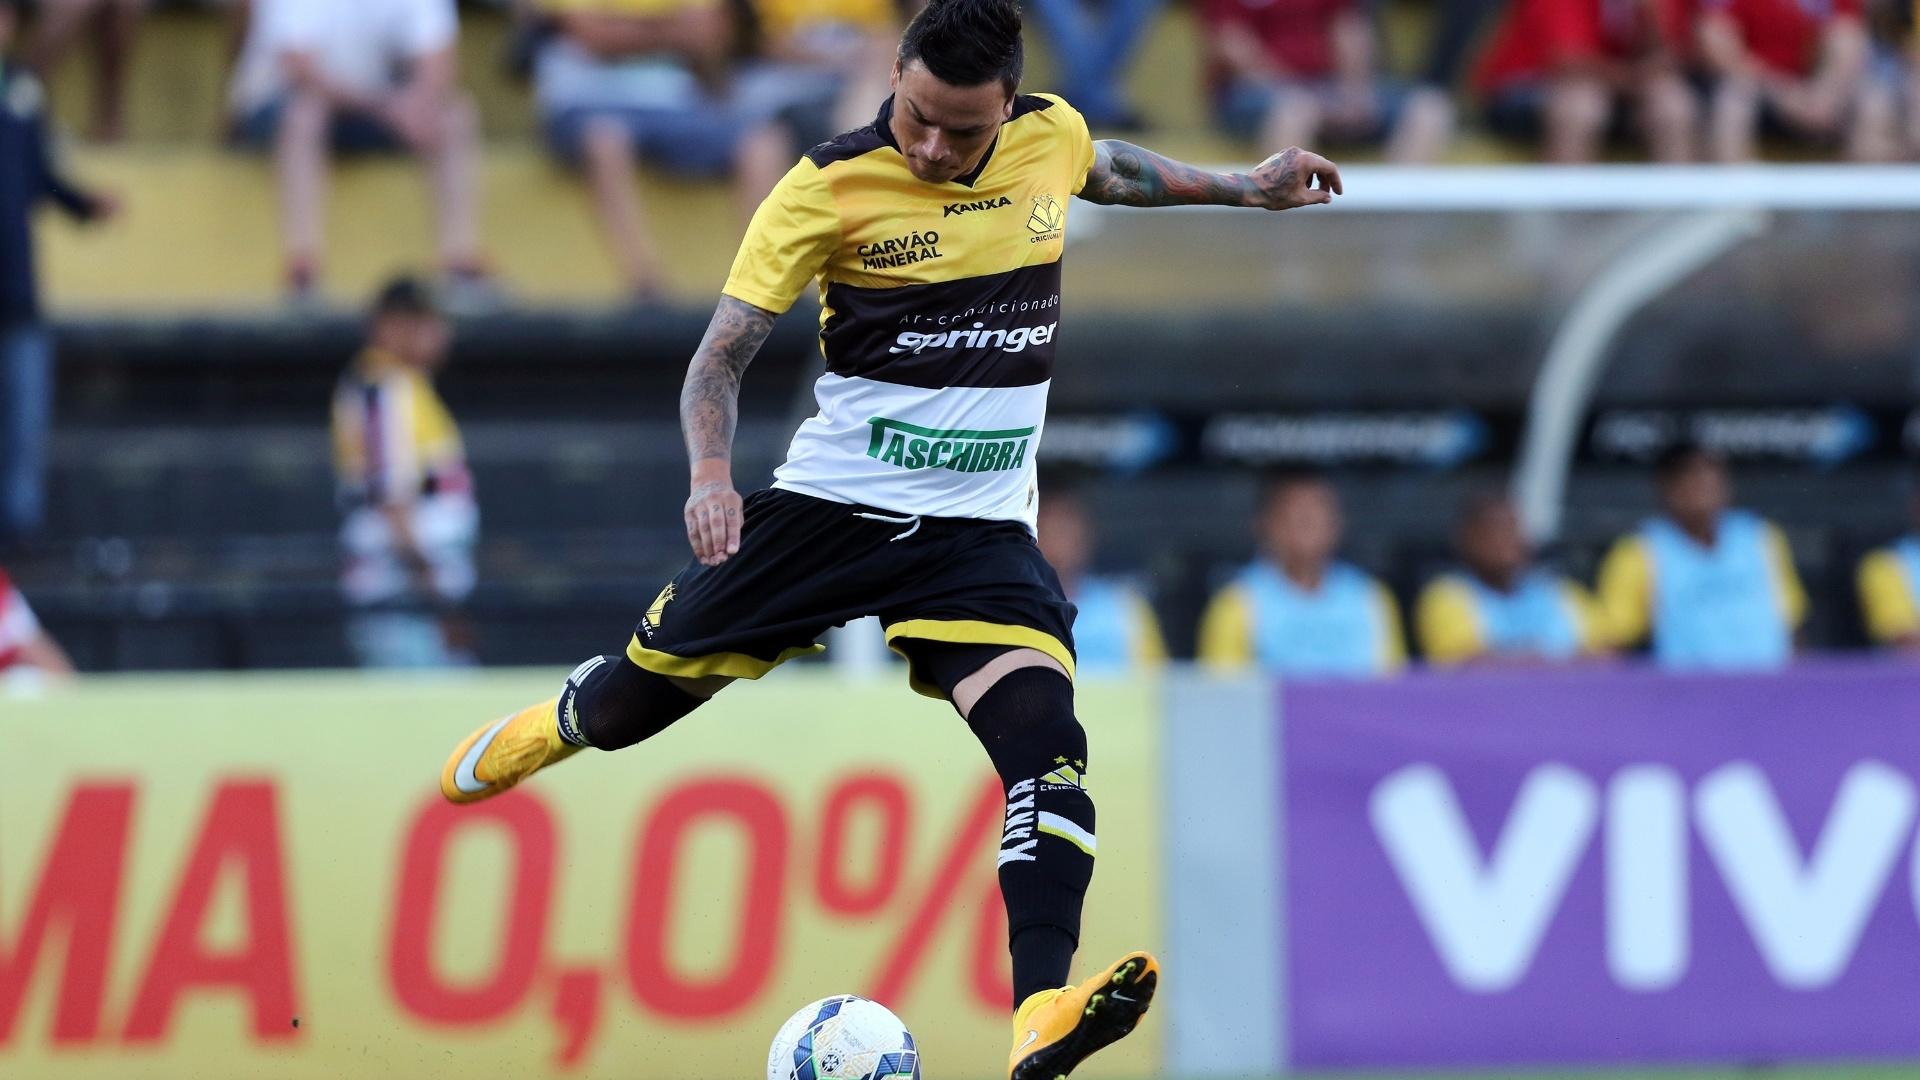 Fábio Ferreira chuta a bola em duelo Criciúma x Sport